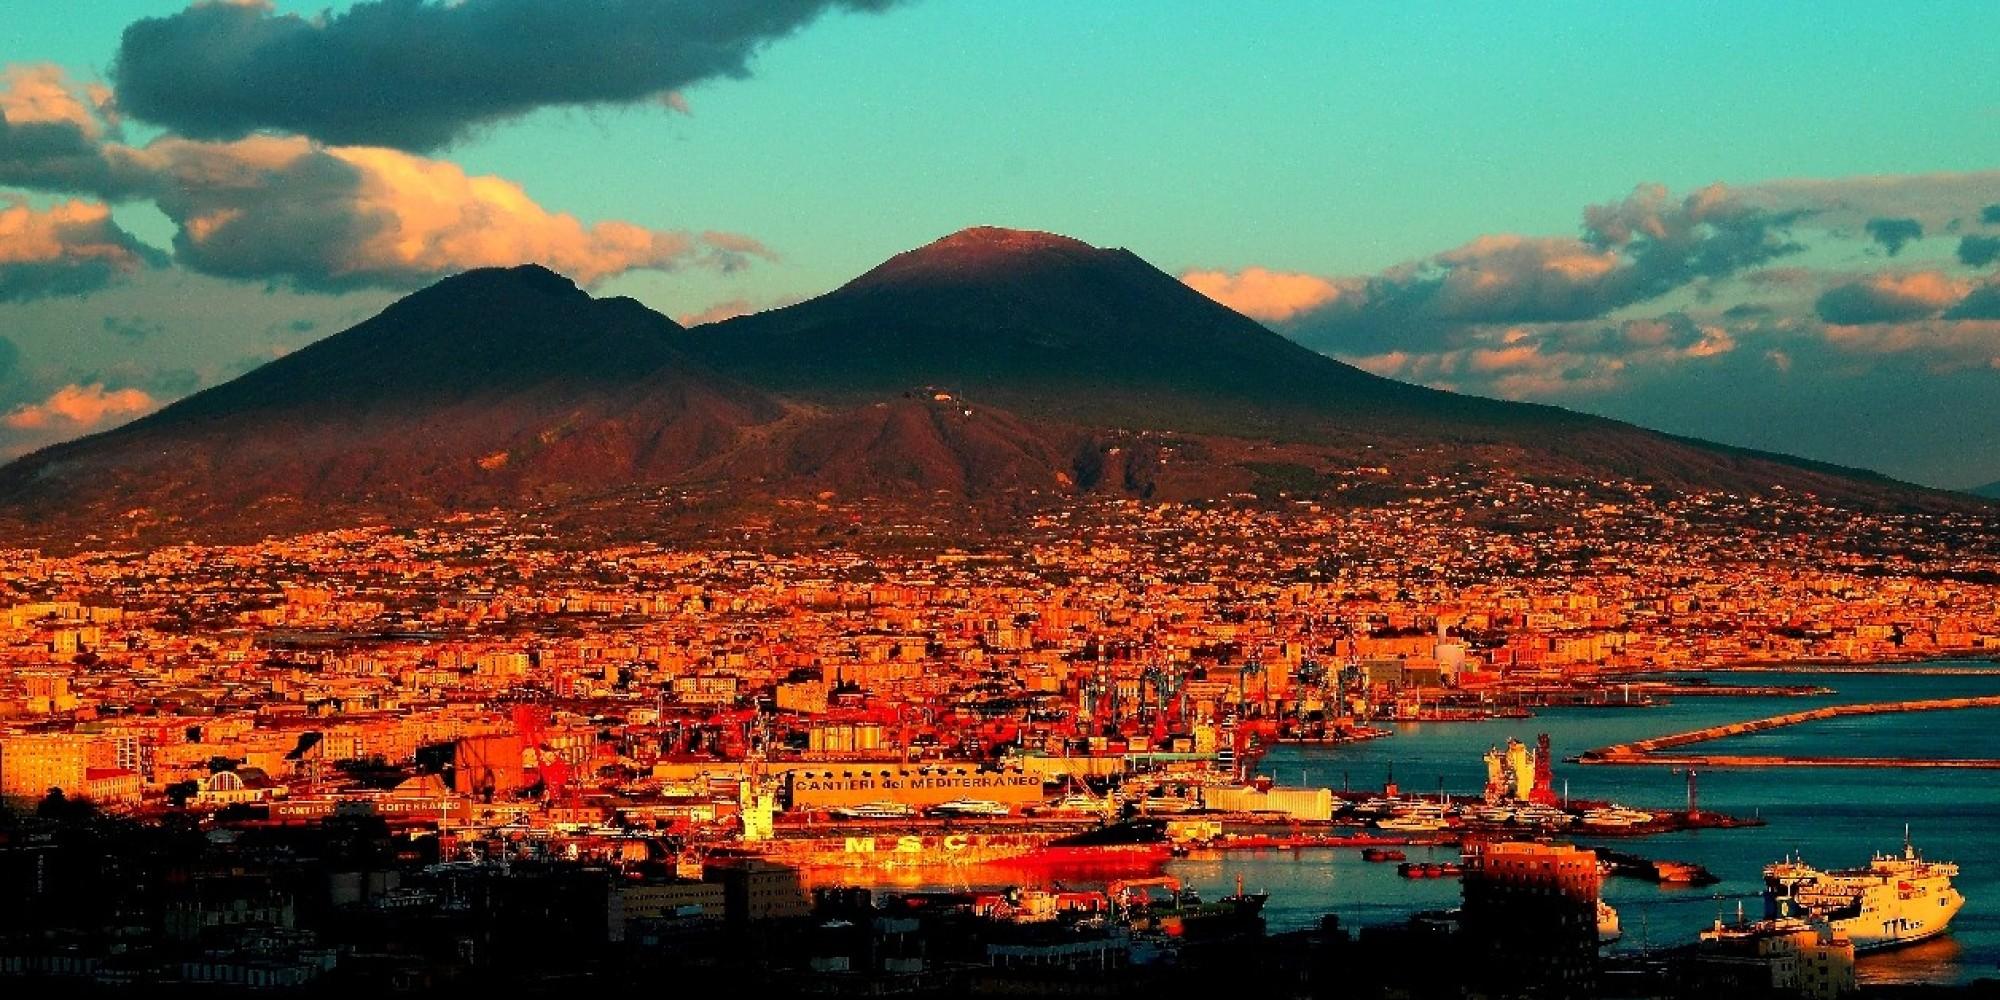 """Foto: """"Vesuvio in arancio"""", dal progetto fotografico """"I cambi d'abito del Vesuvio"""" di Roberta De Maddi"""